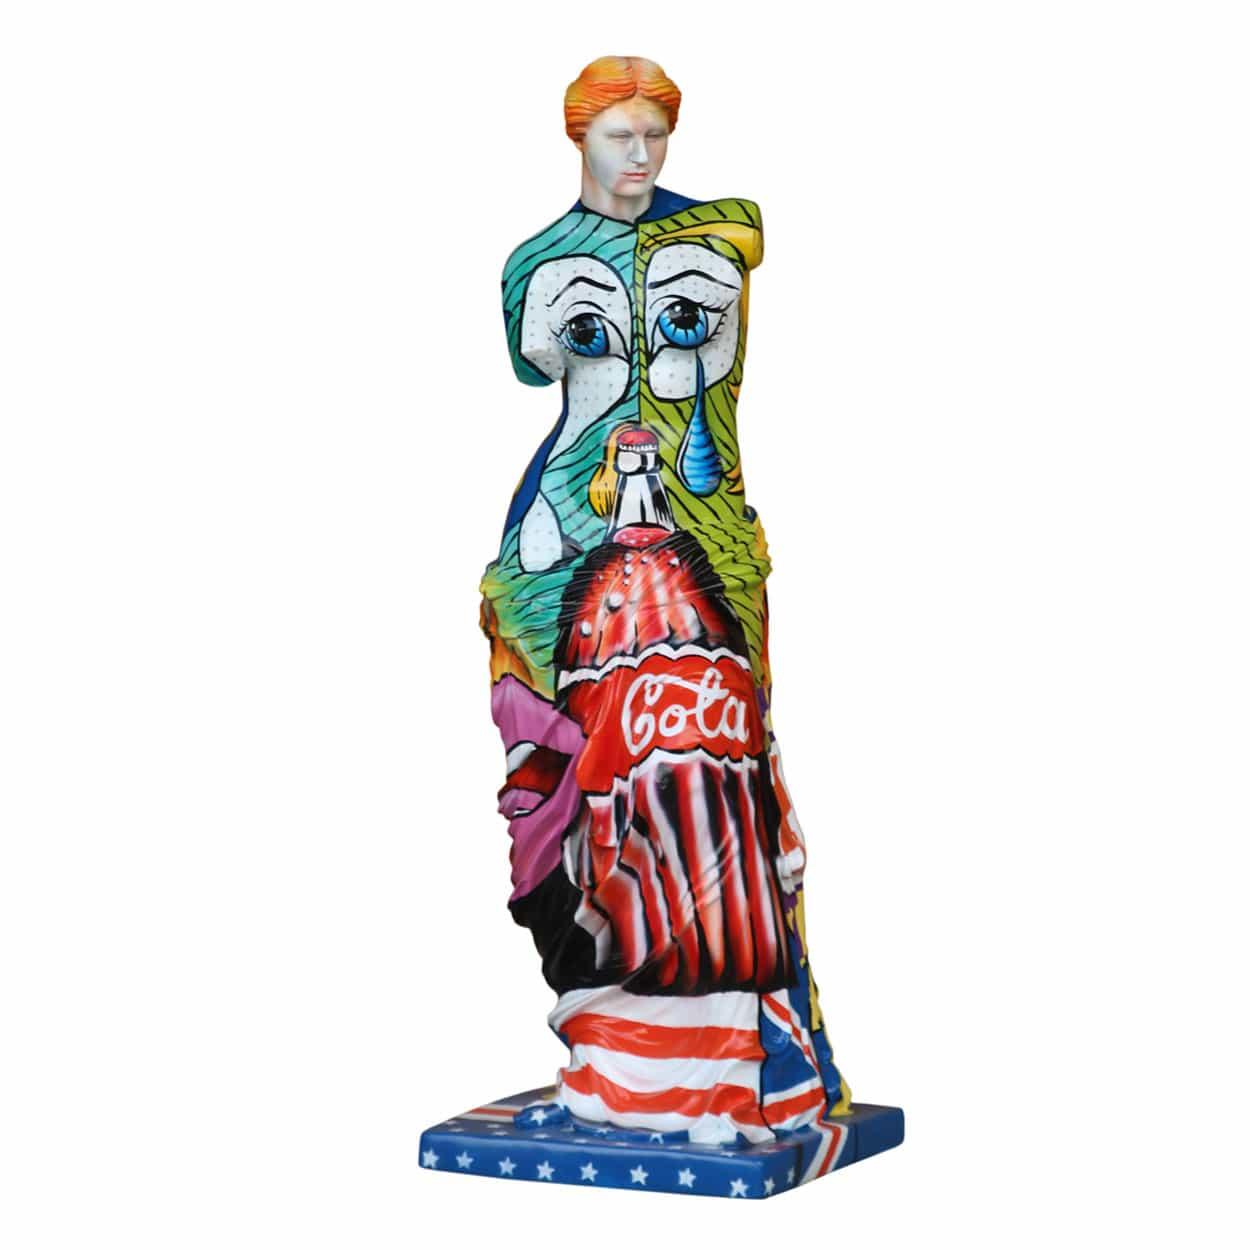 פסל ונוס פופארט